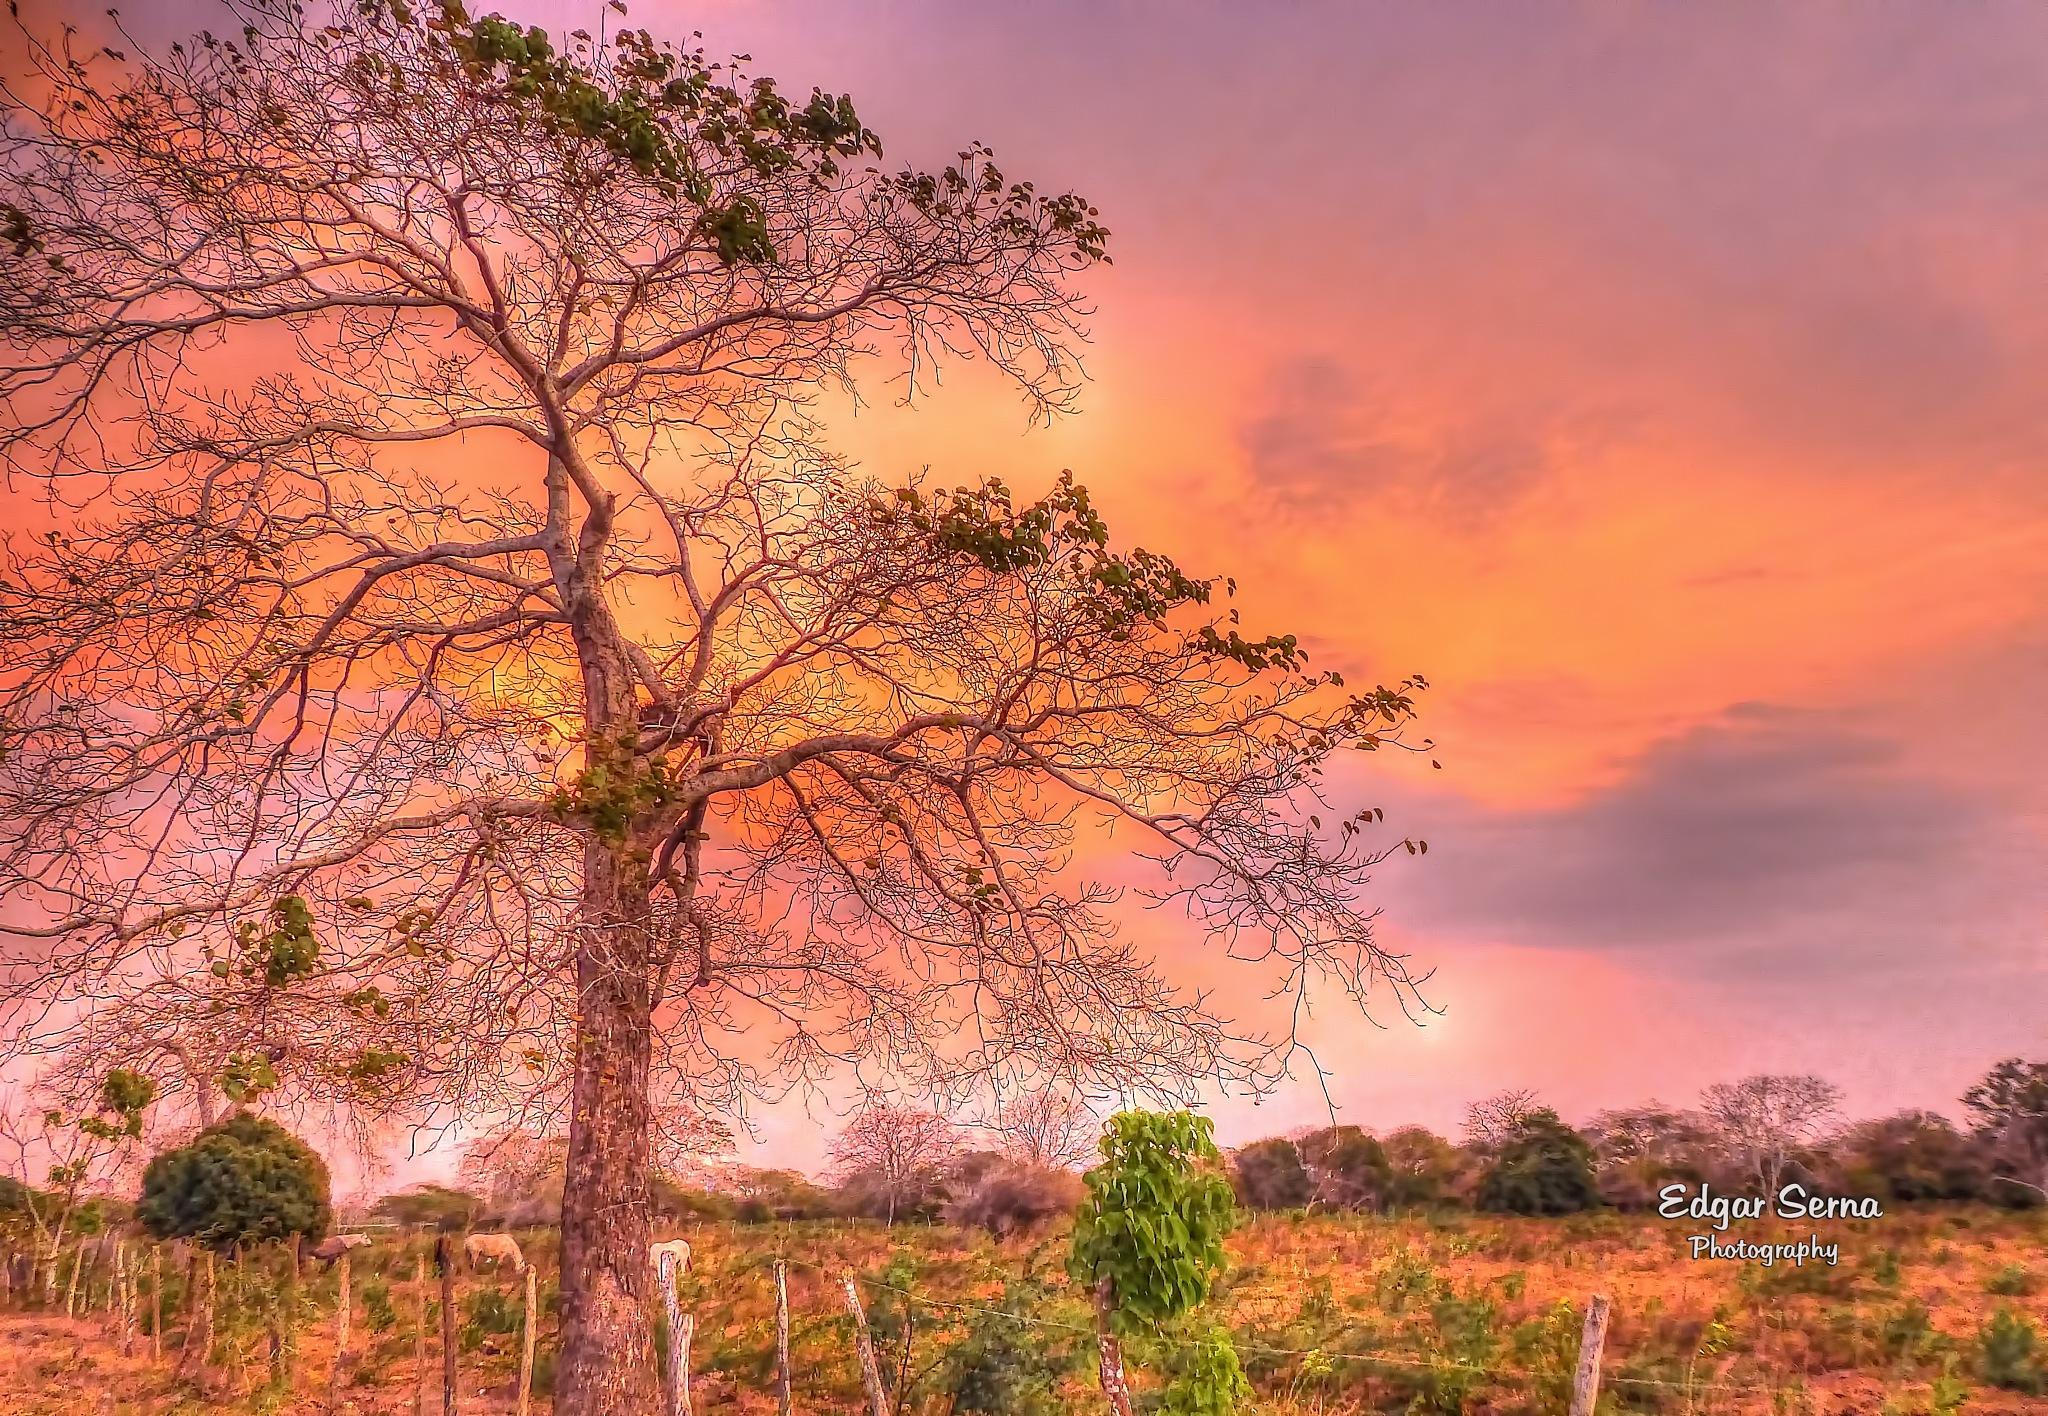 Sunset by Edgar Serna